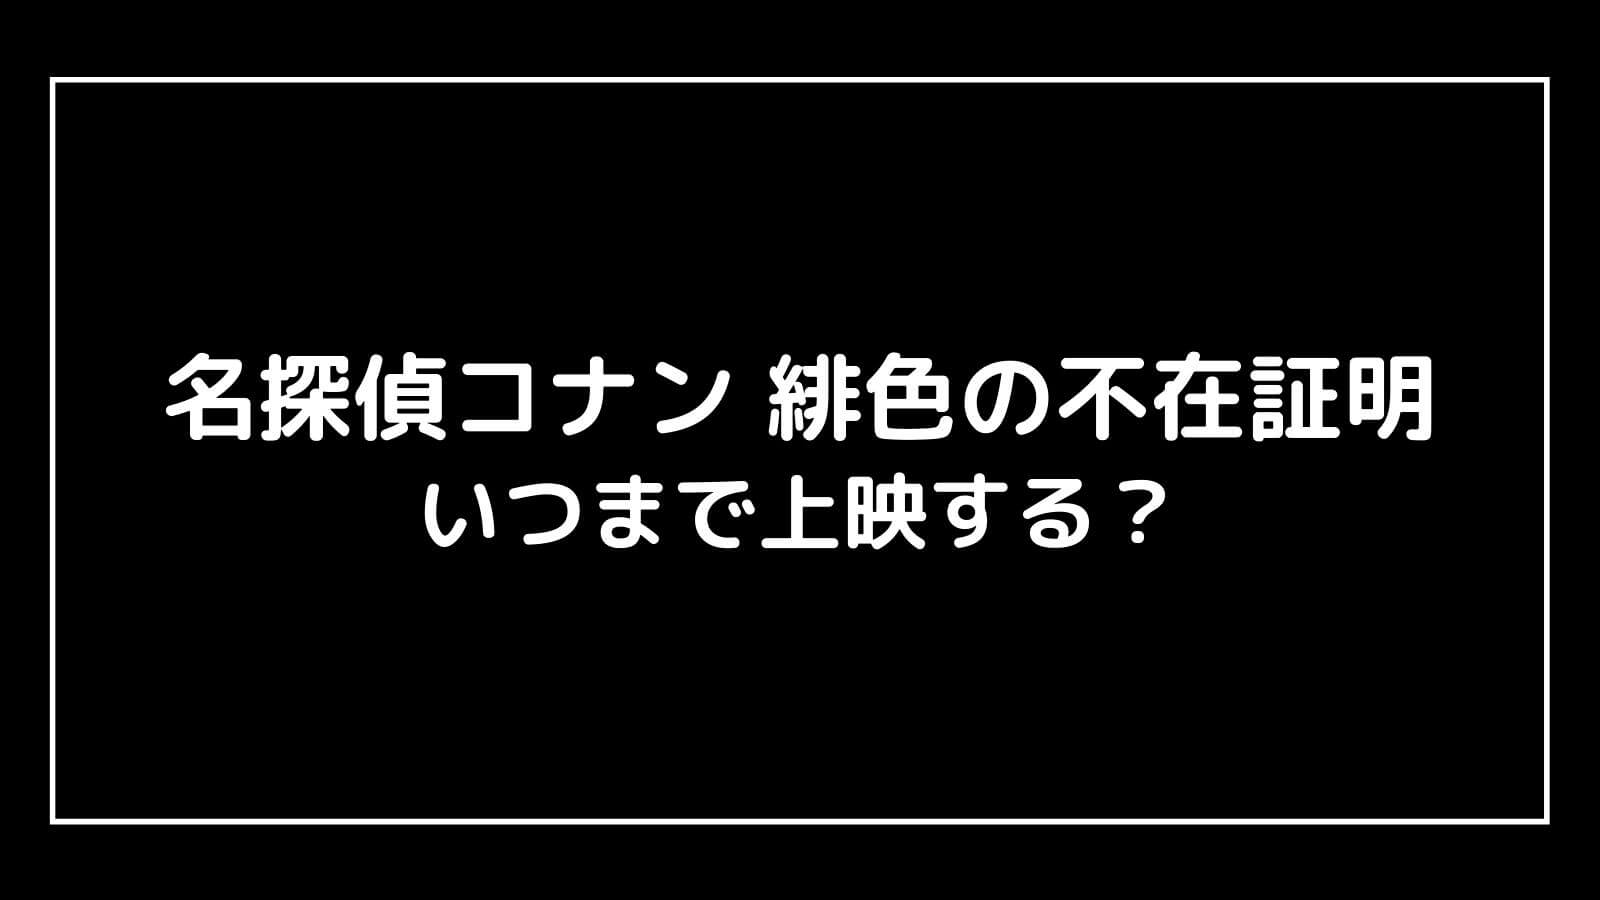 『名探偵コナン 緋色の不在証明』はいつからいつまで上映する?元映画館社員が上映期間を解説